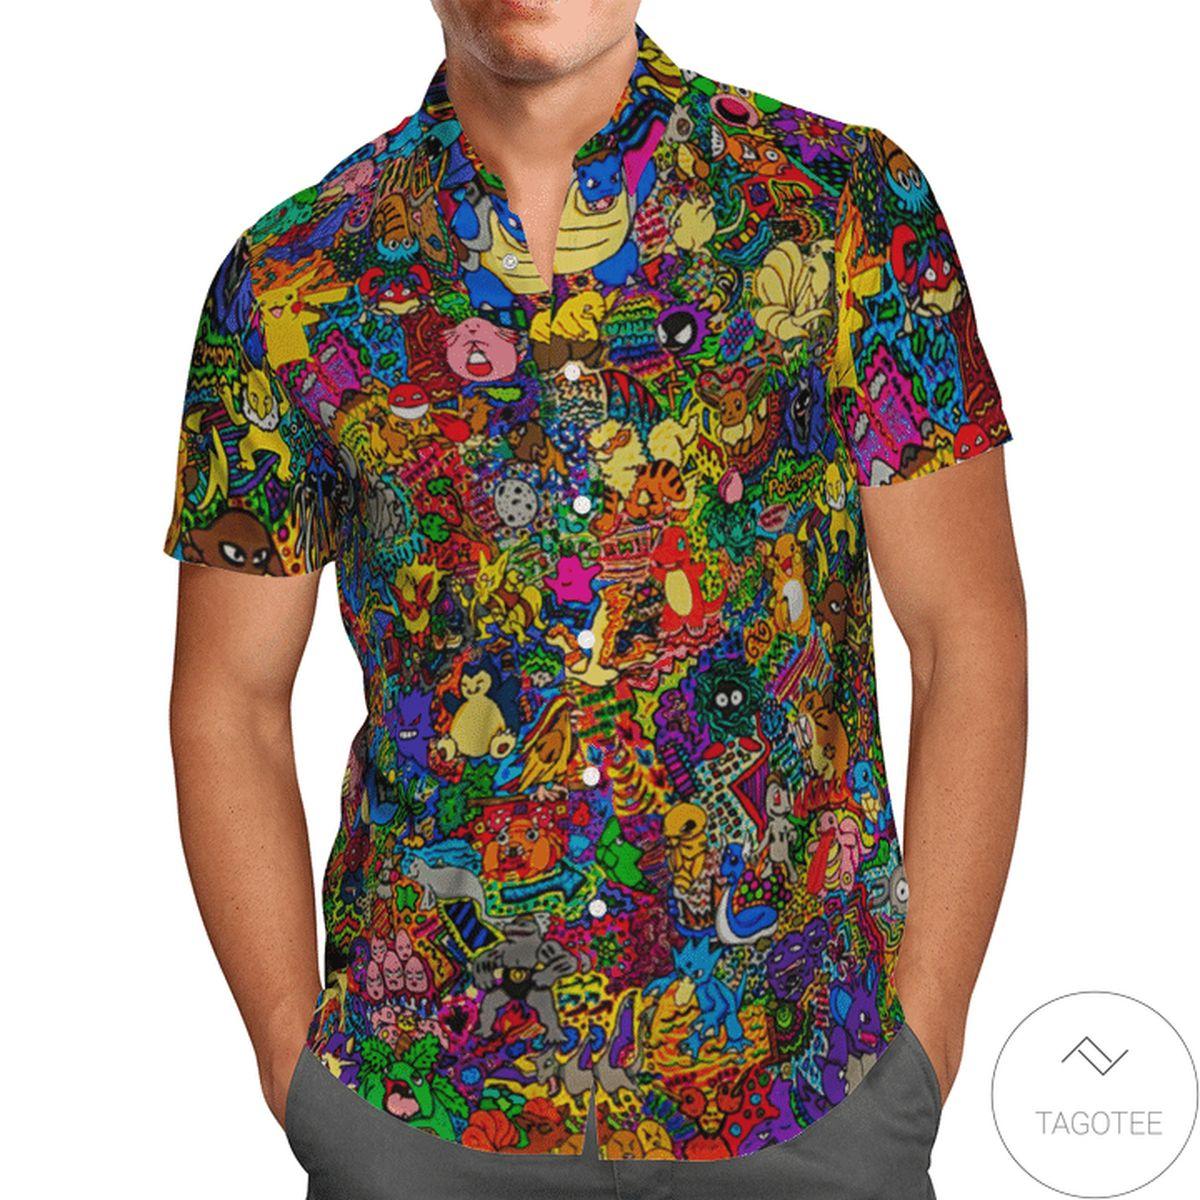 Top Happy Pokemon Hawaiian Shirt